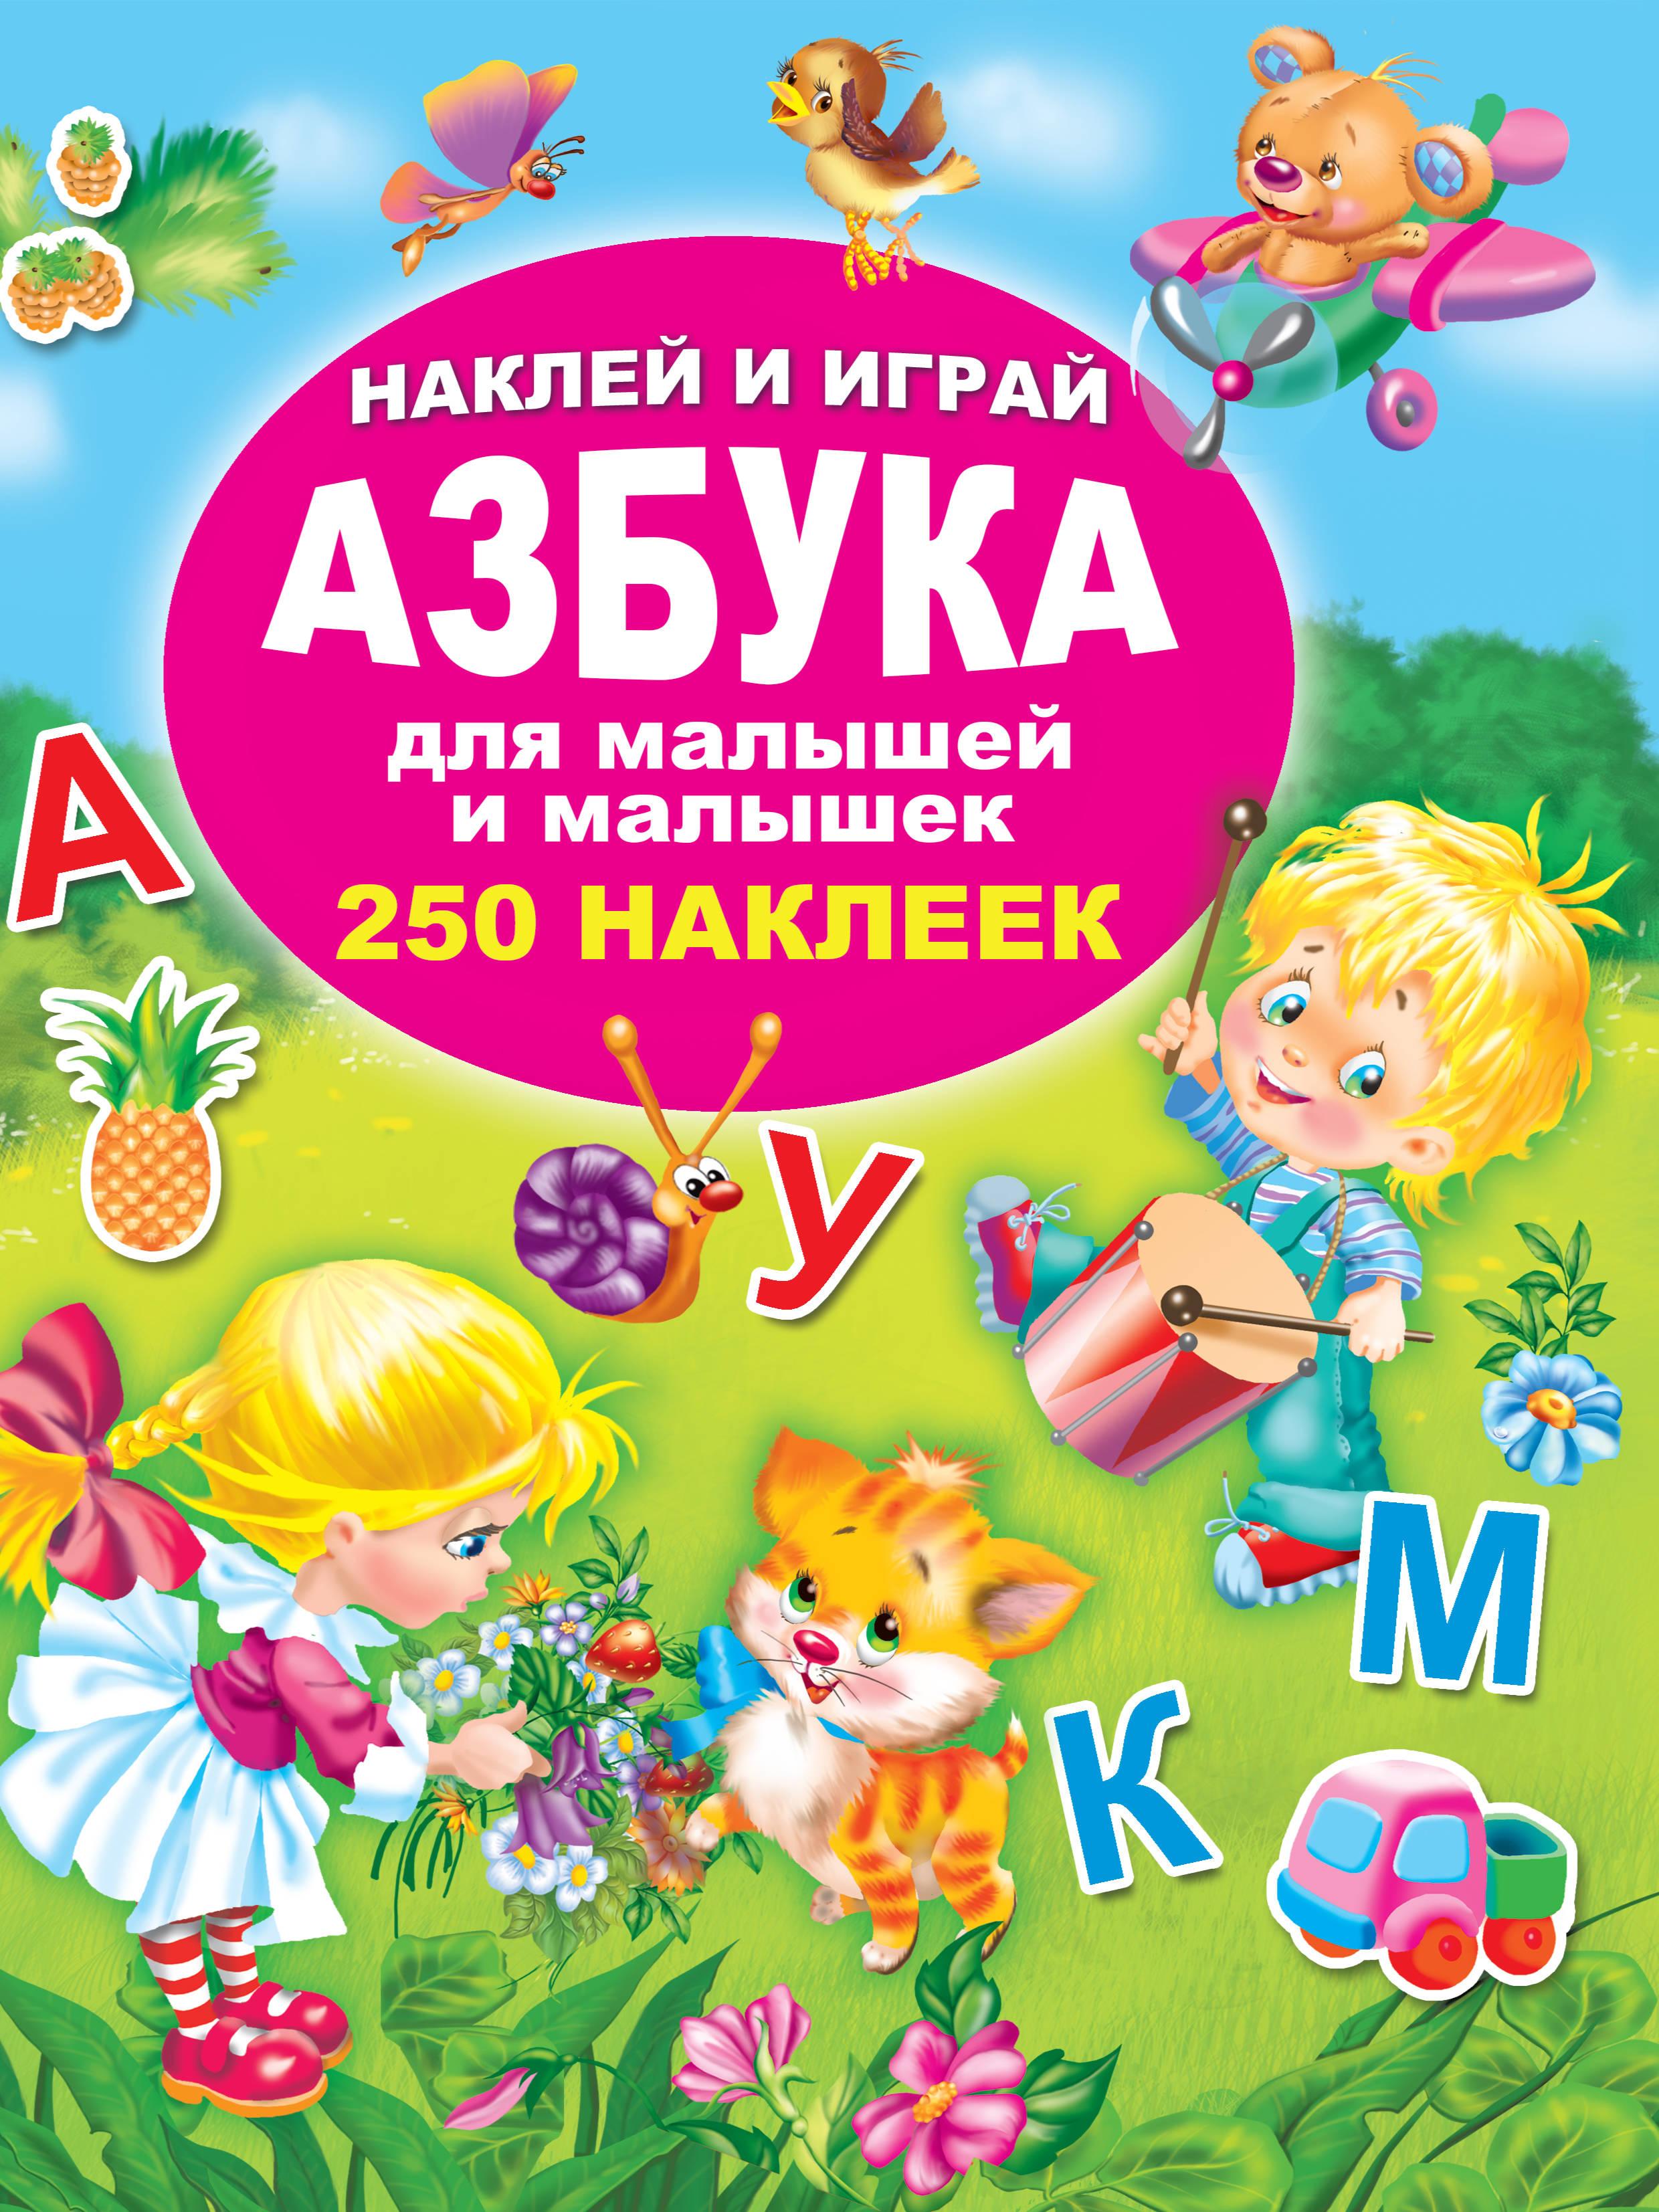 Фото - Азбука для малышей и малышек горбунова и худ 100 загадок для малышей книга игра 399 наклеек